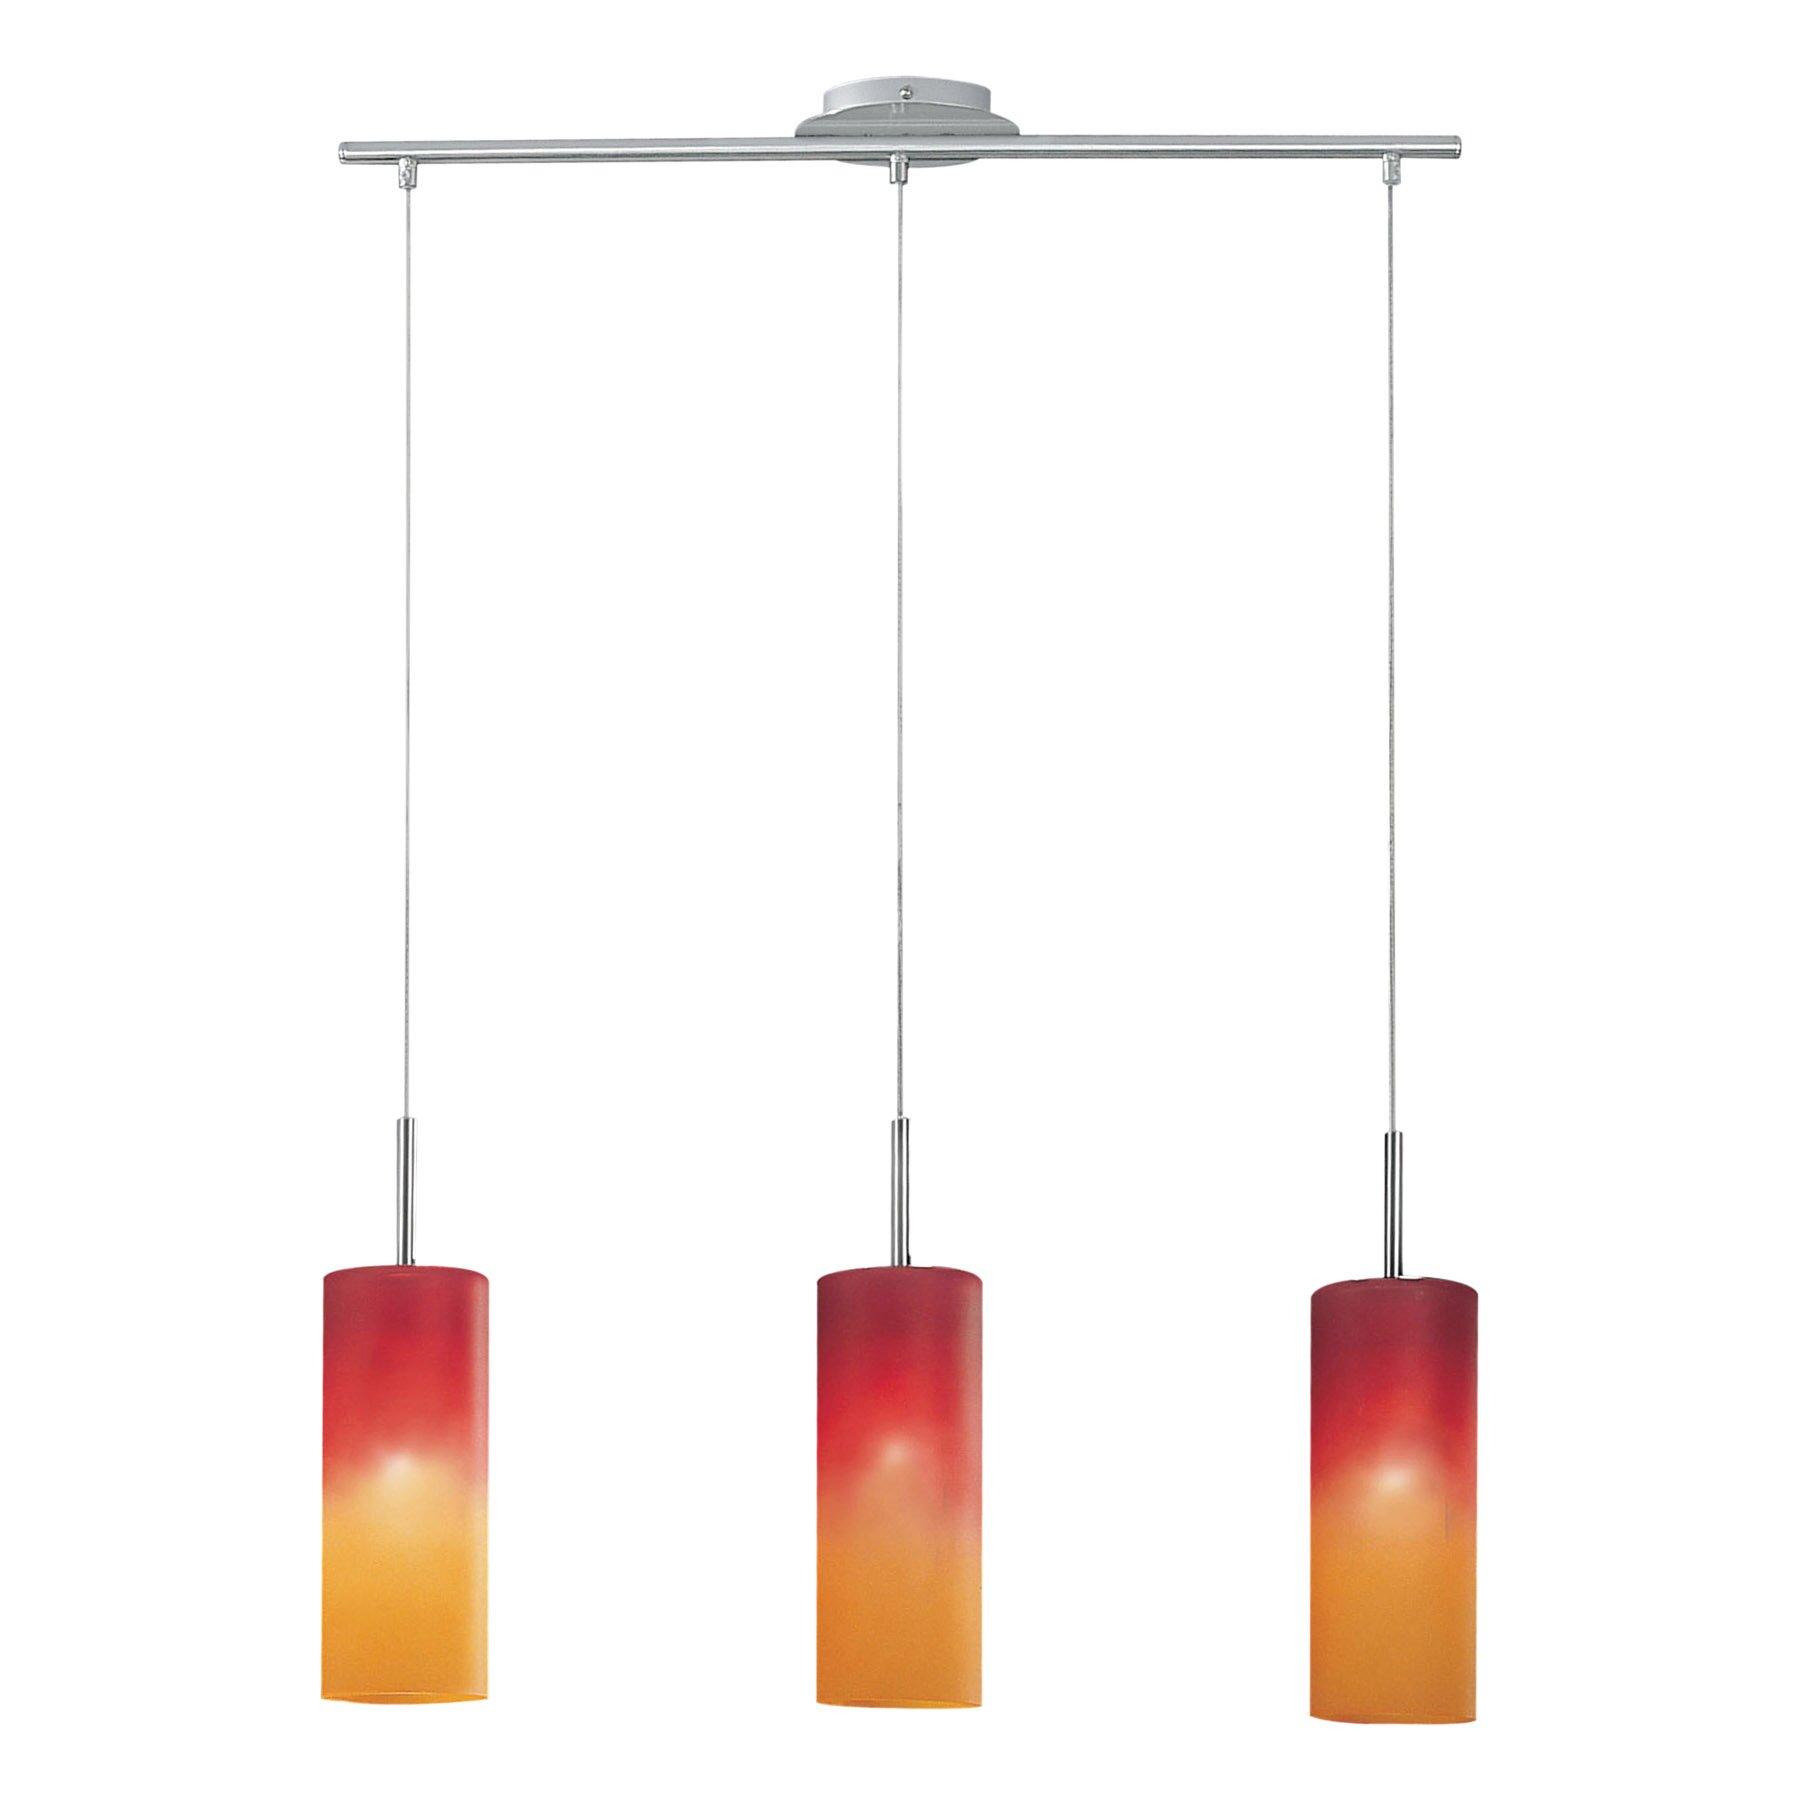 3 Light Pendant Island Kitchen Lighting Eglo Troy 1 3 Light Kitchen Island Pendant Reviews Wayfair